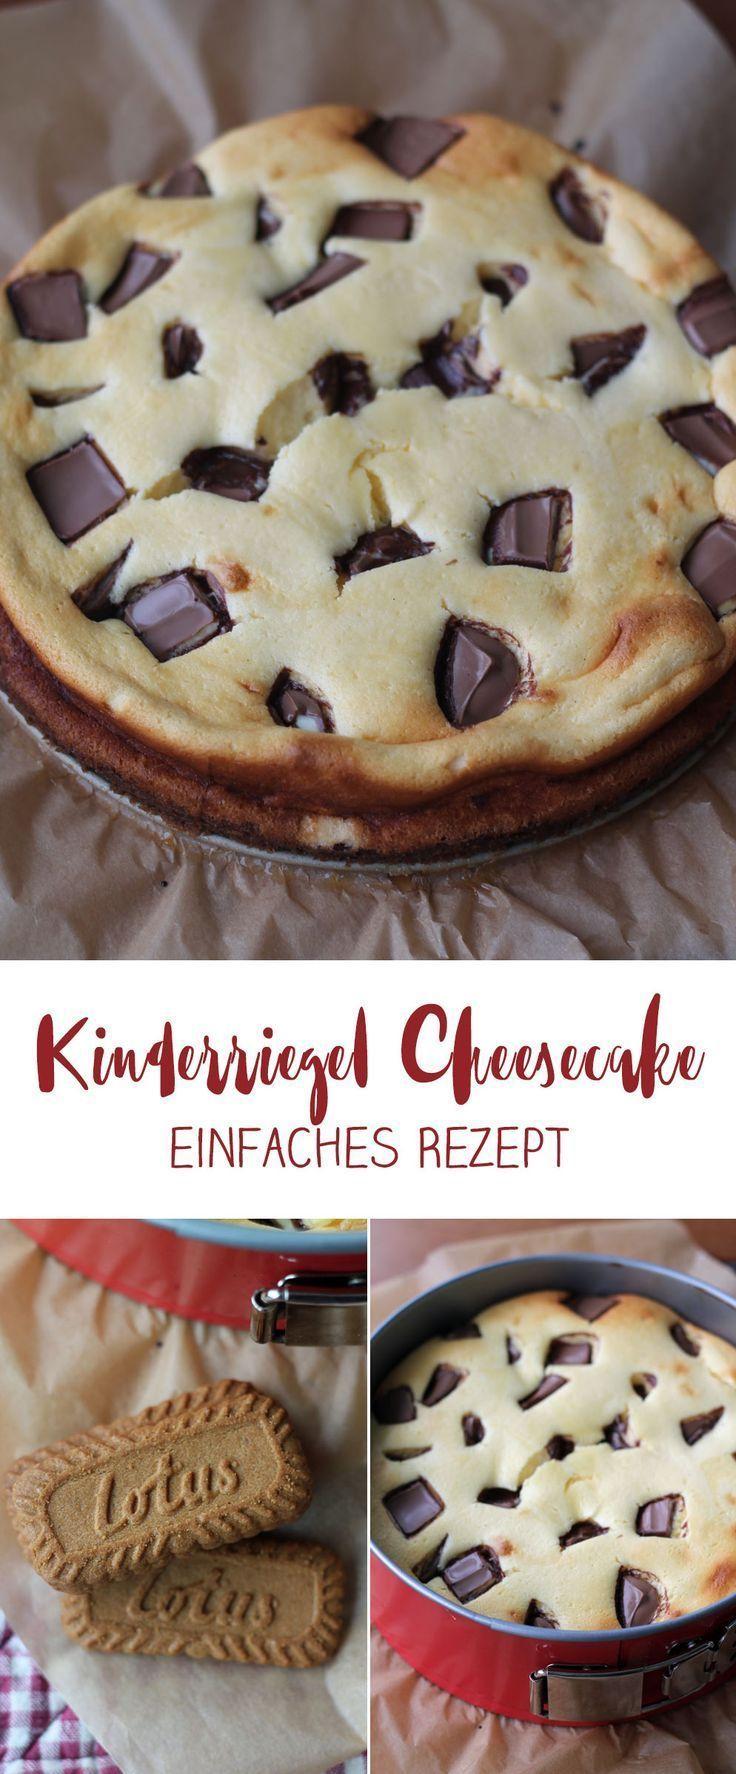 Photo of Sonntagskuchen Kinderriegel Cheesecake mit Karamell Keksboden